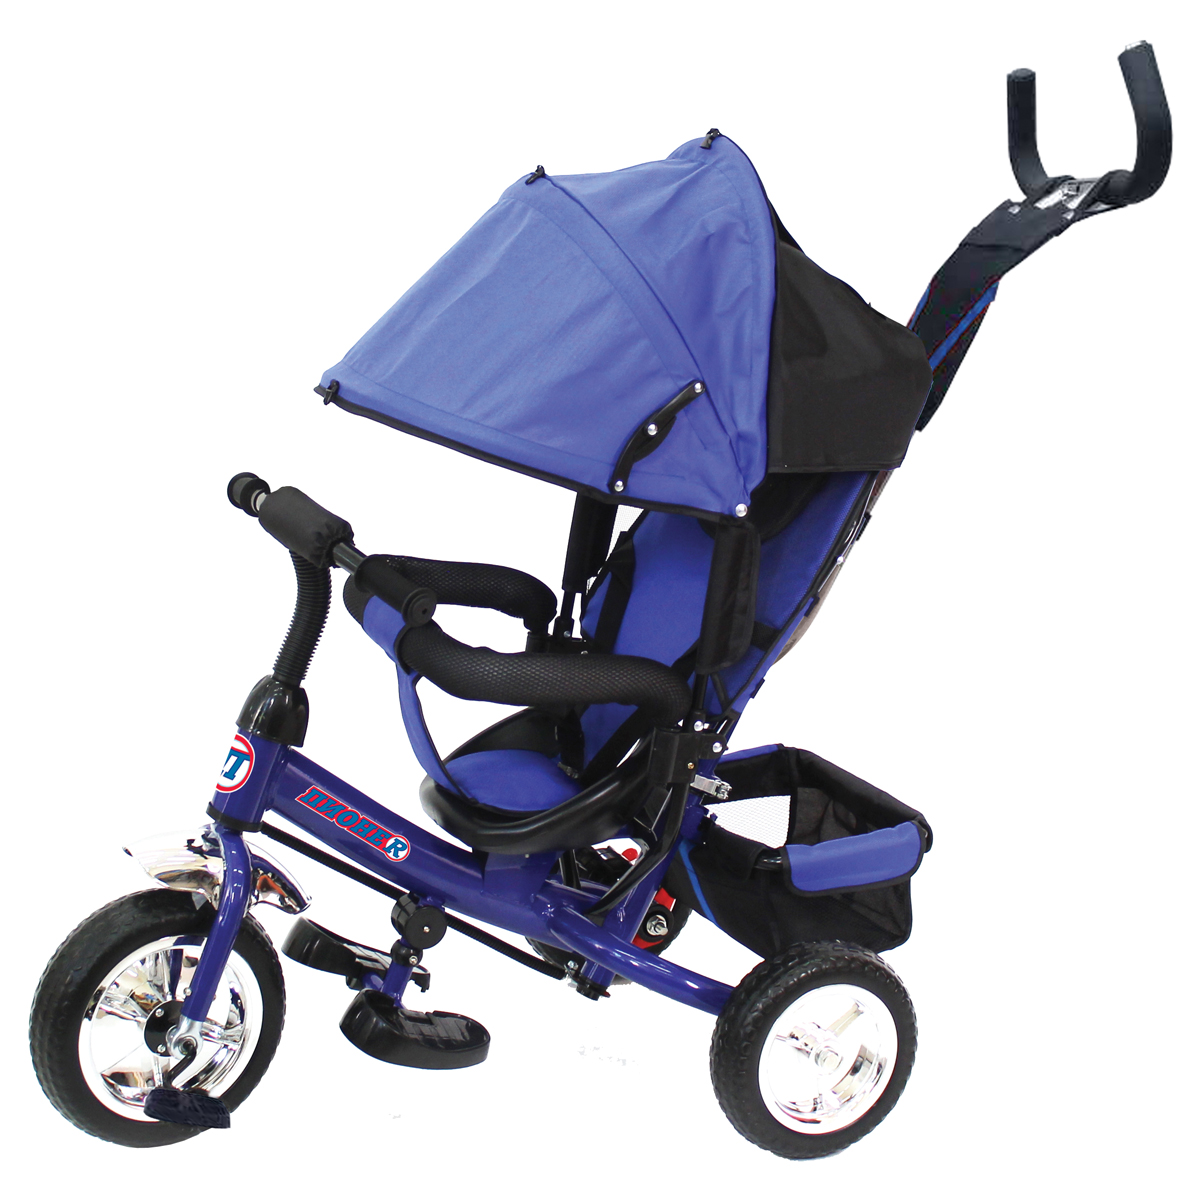 ПИОНЕR Велосипед трехколесный цвет синий P1B